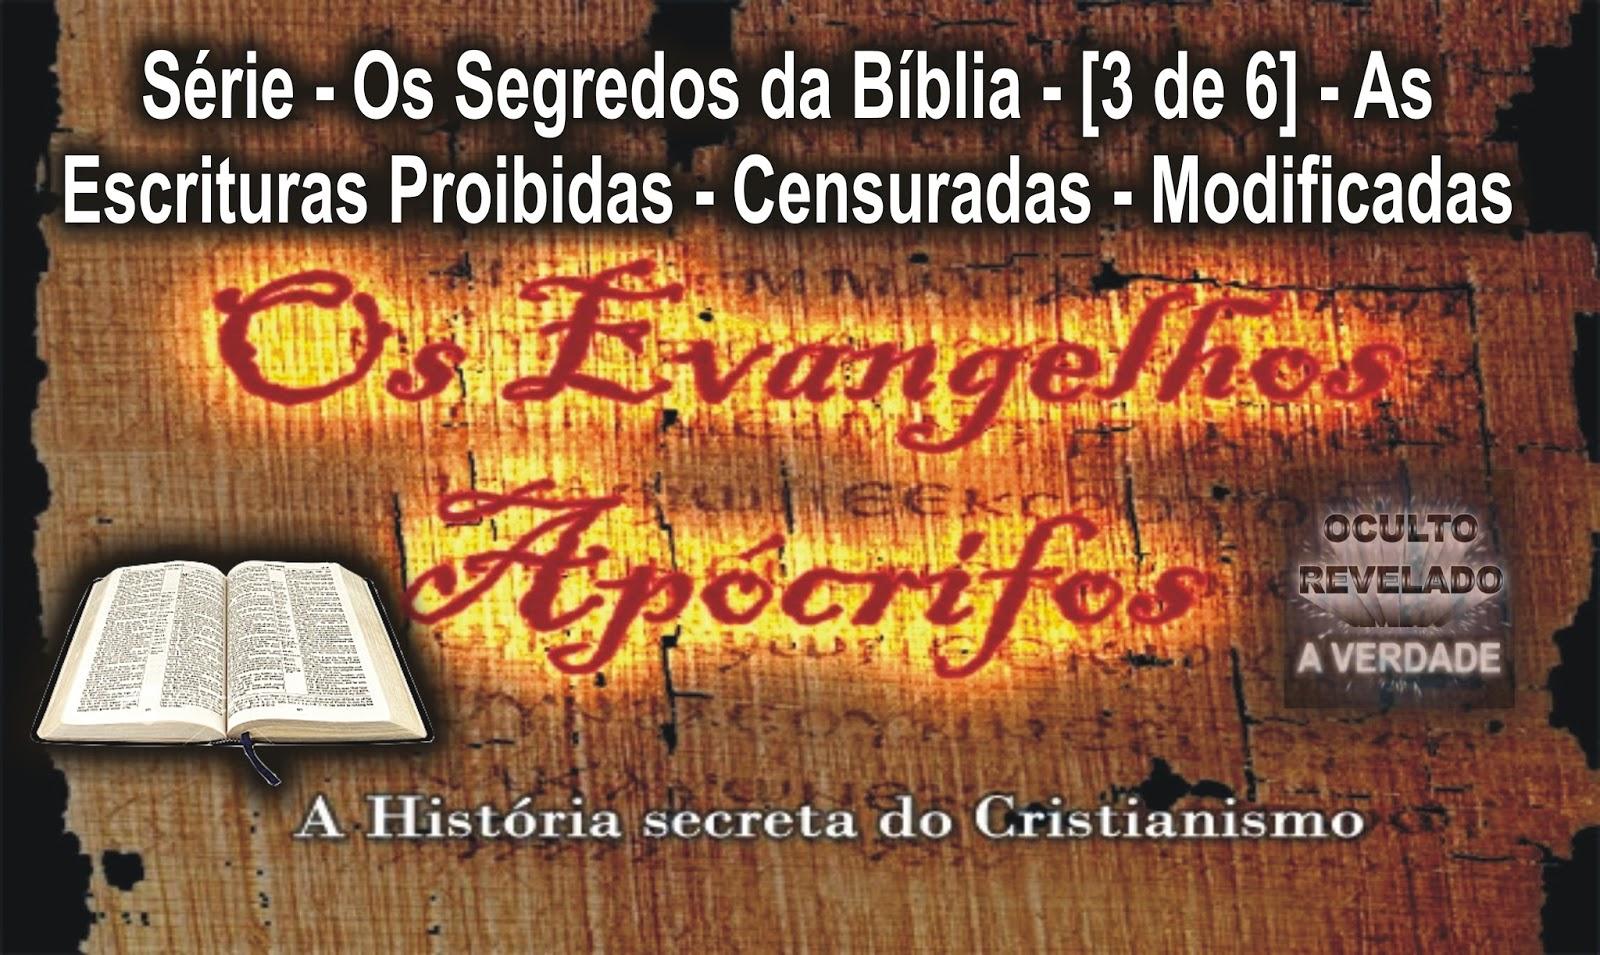 OCULTO REVELADO: A VERDADE: Série - Os Segredos da Bíblia